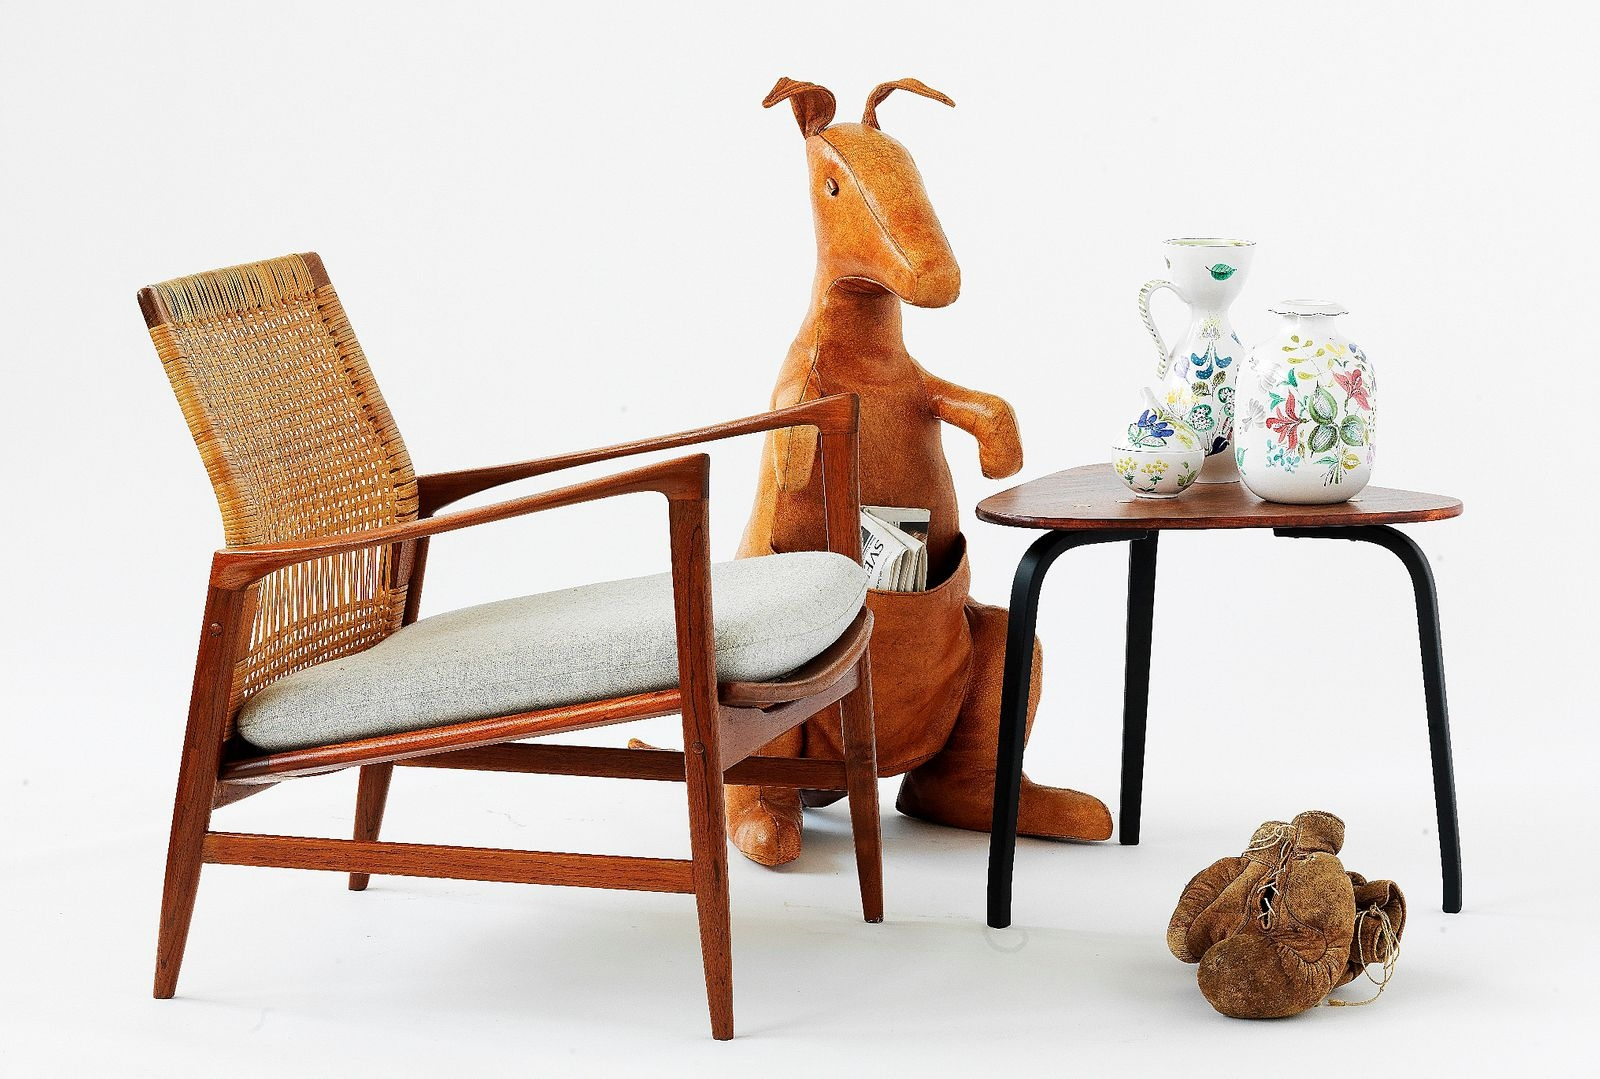 18 utställare med modernt fokus och sju utställare med antikviteter medverkar på höstens mässa som har fått namnet Design och Antik i Brösarp 2021.